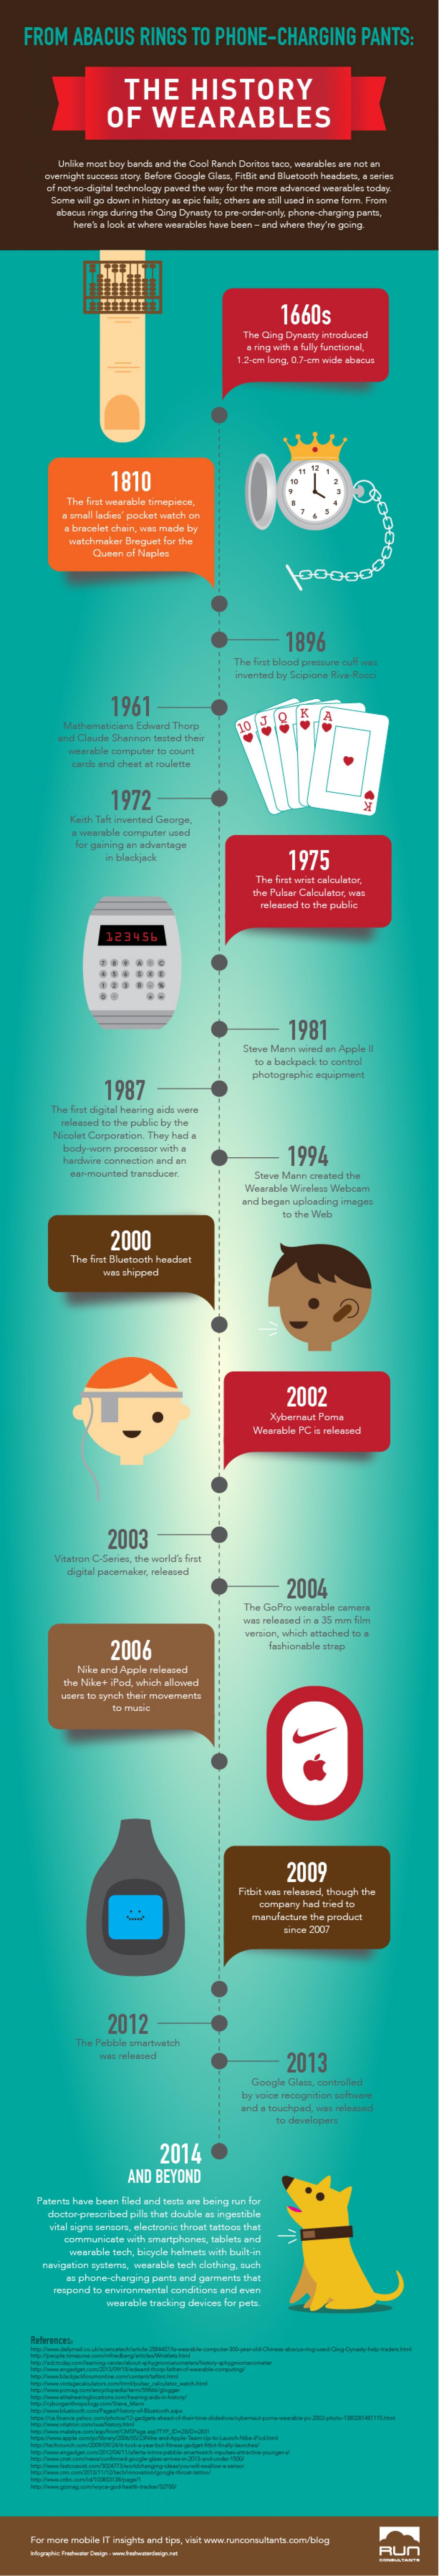 Geschiedenis van Wearables